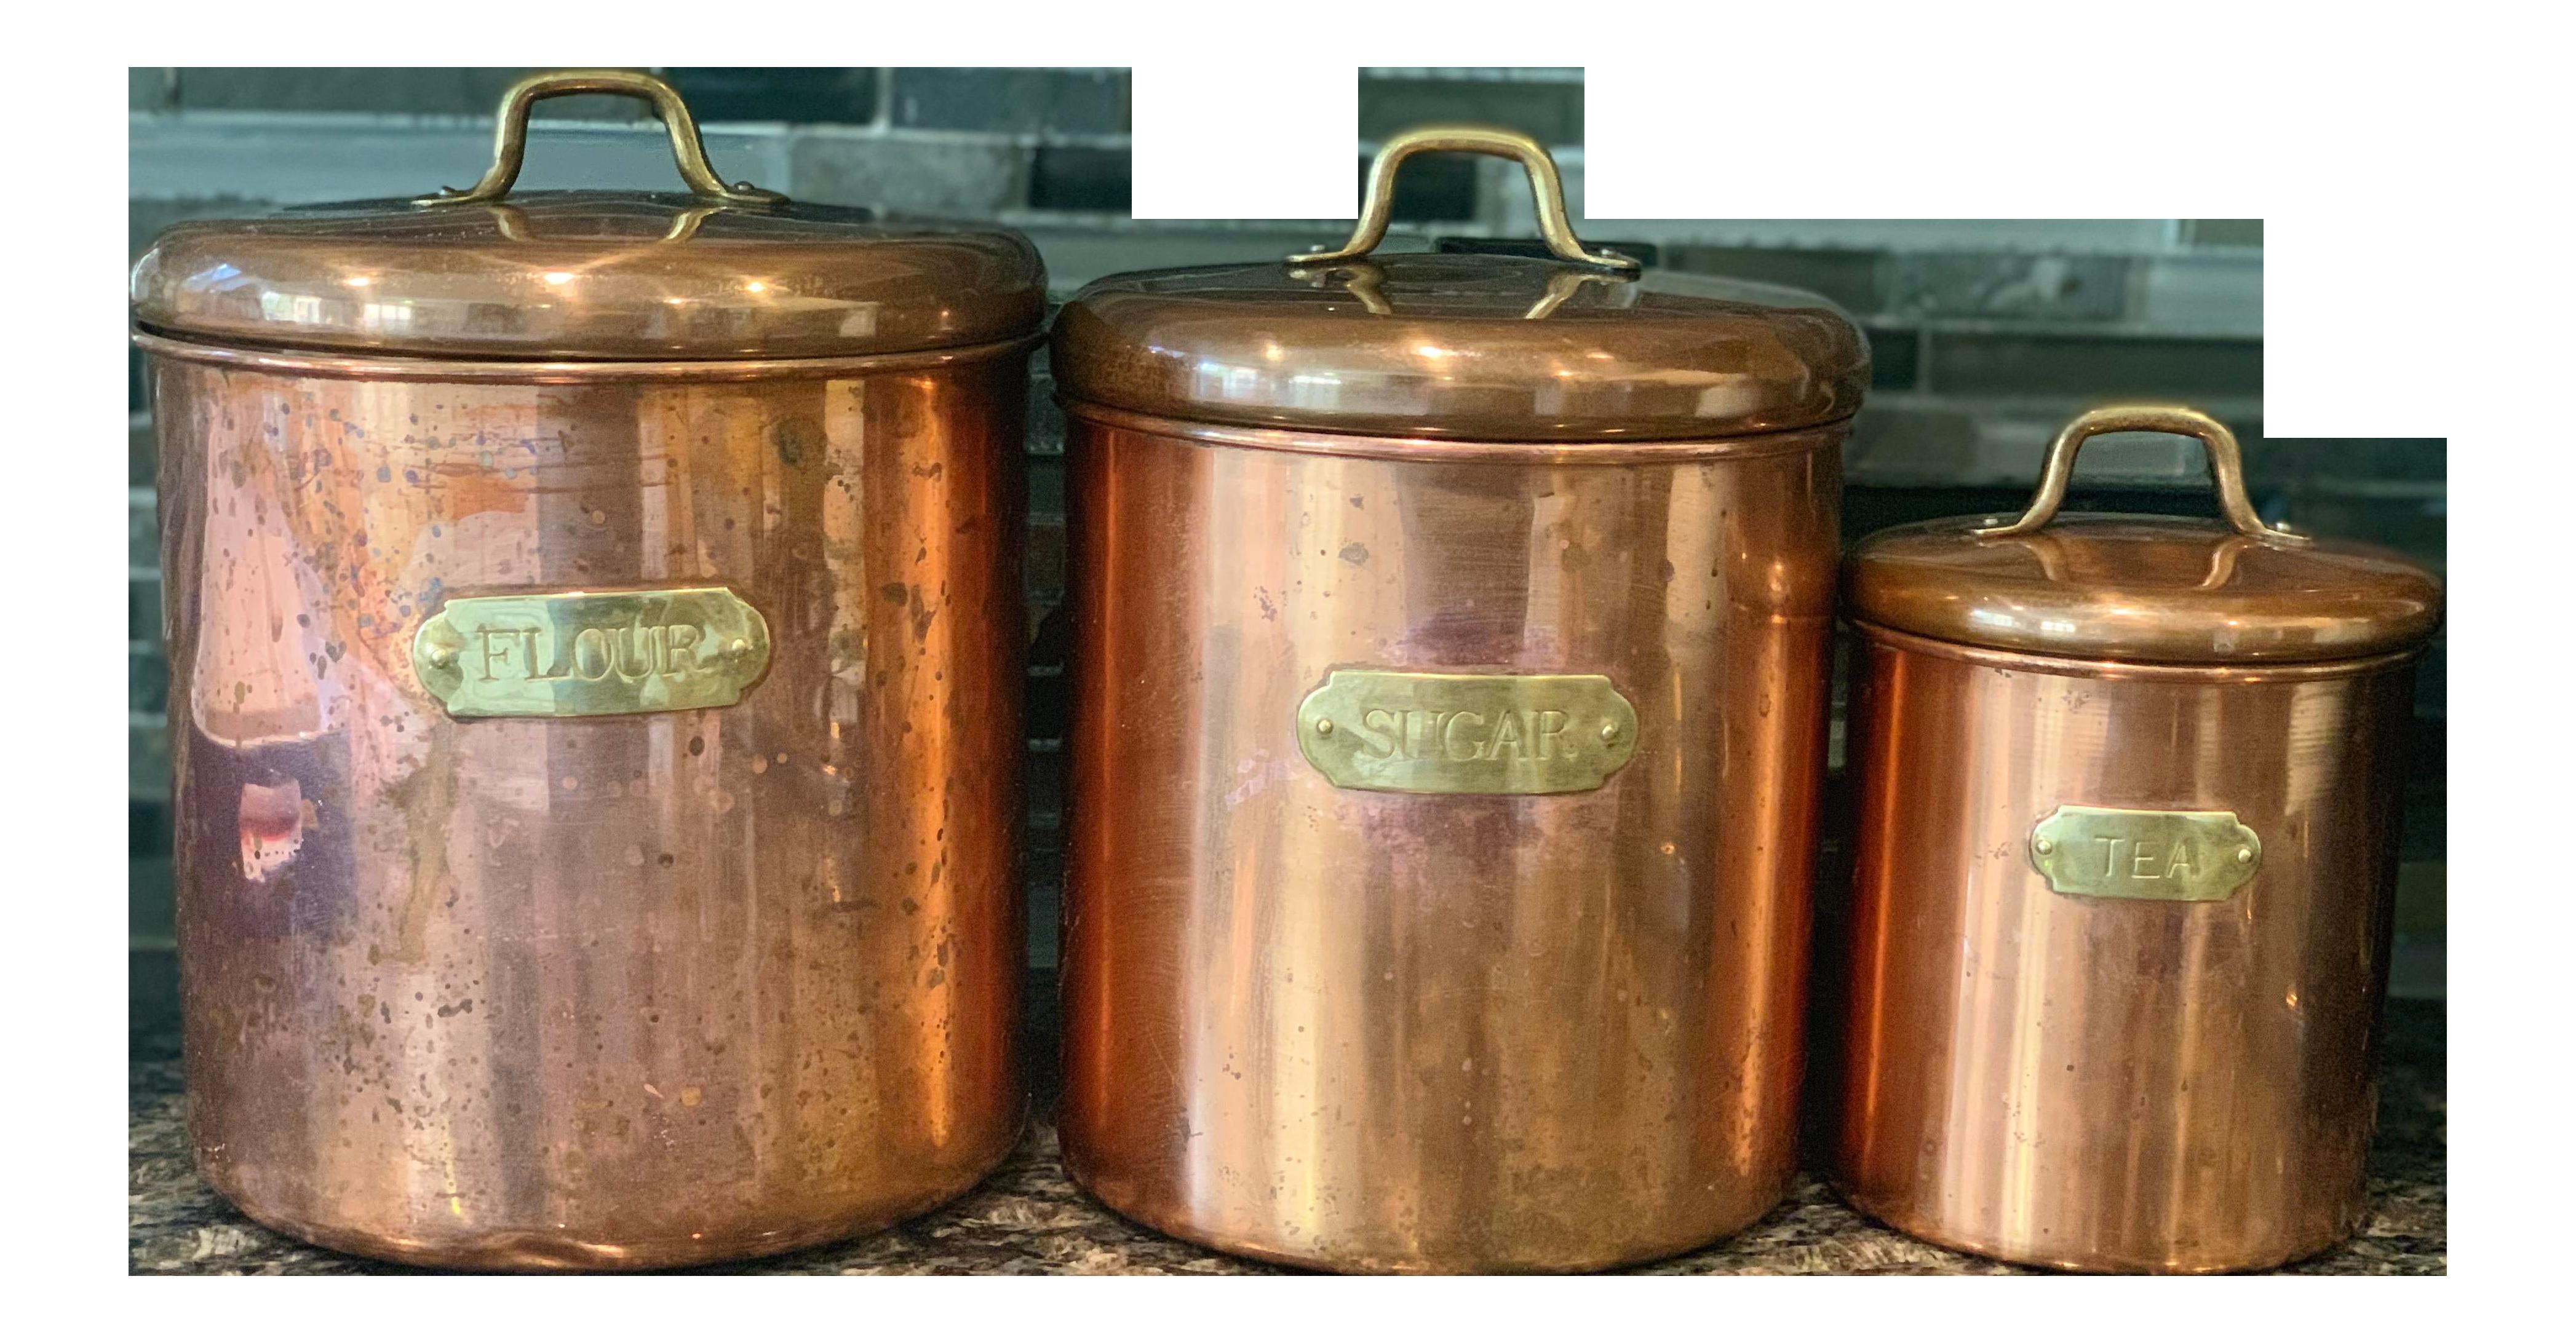 Antique Kitchen Canister Set 4 Piece Copper Decorative Copper Bronze Collectible Kitchen Dining Bar Kitchen Storage Organization